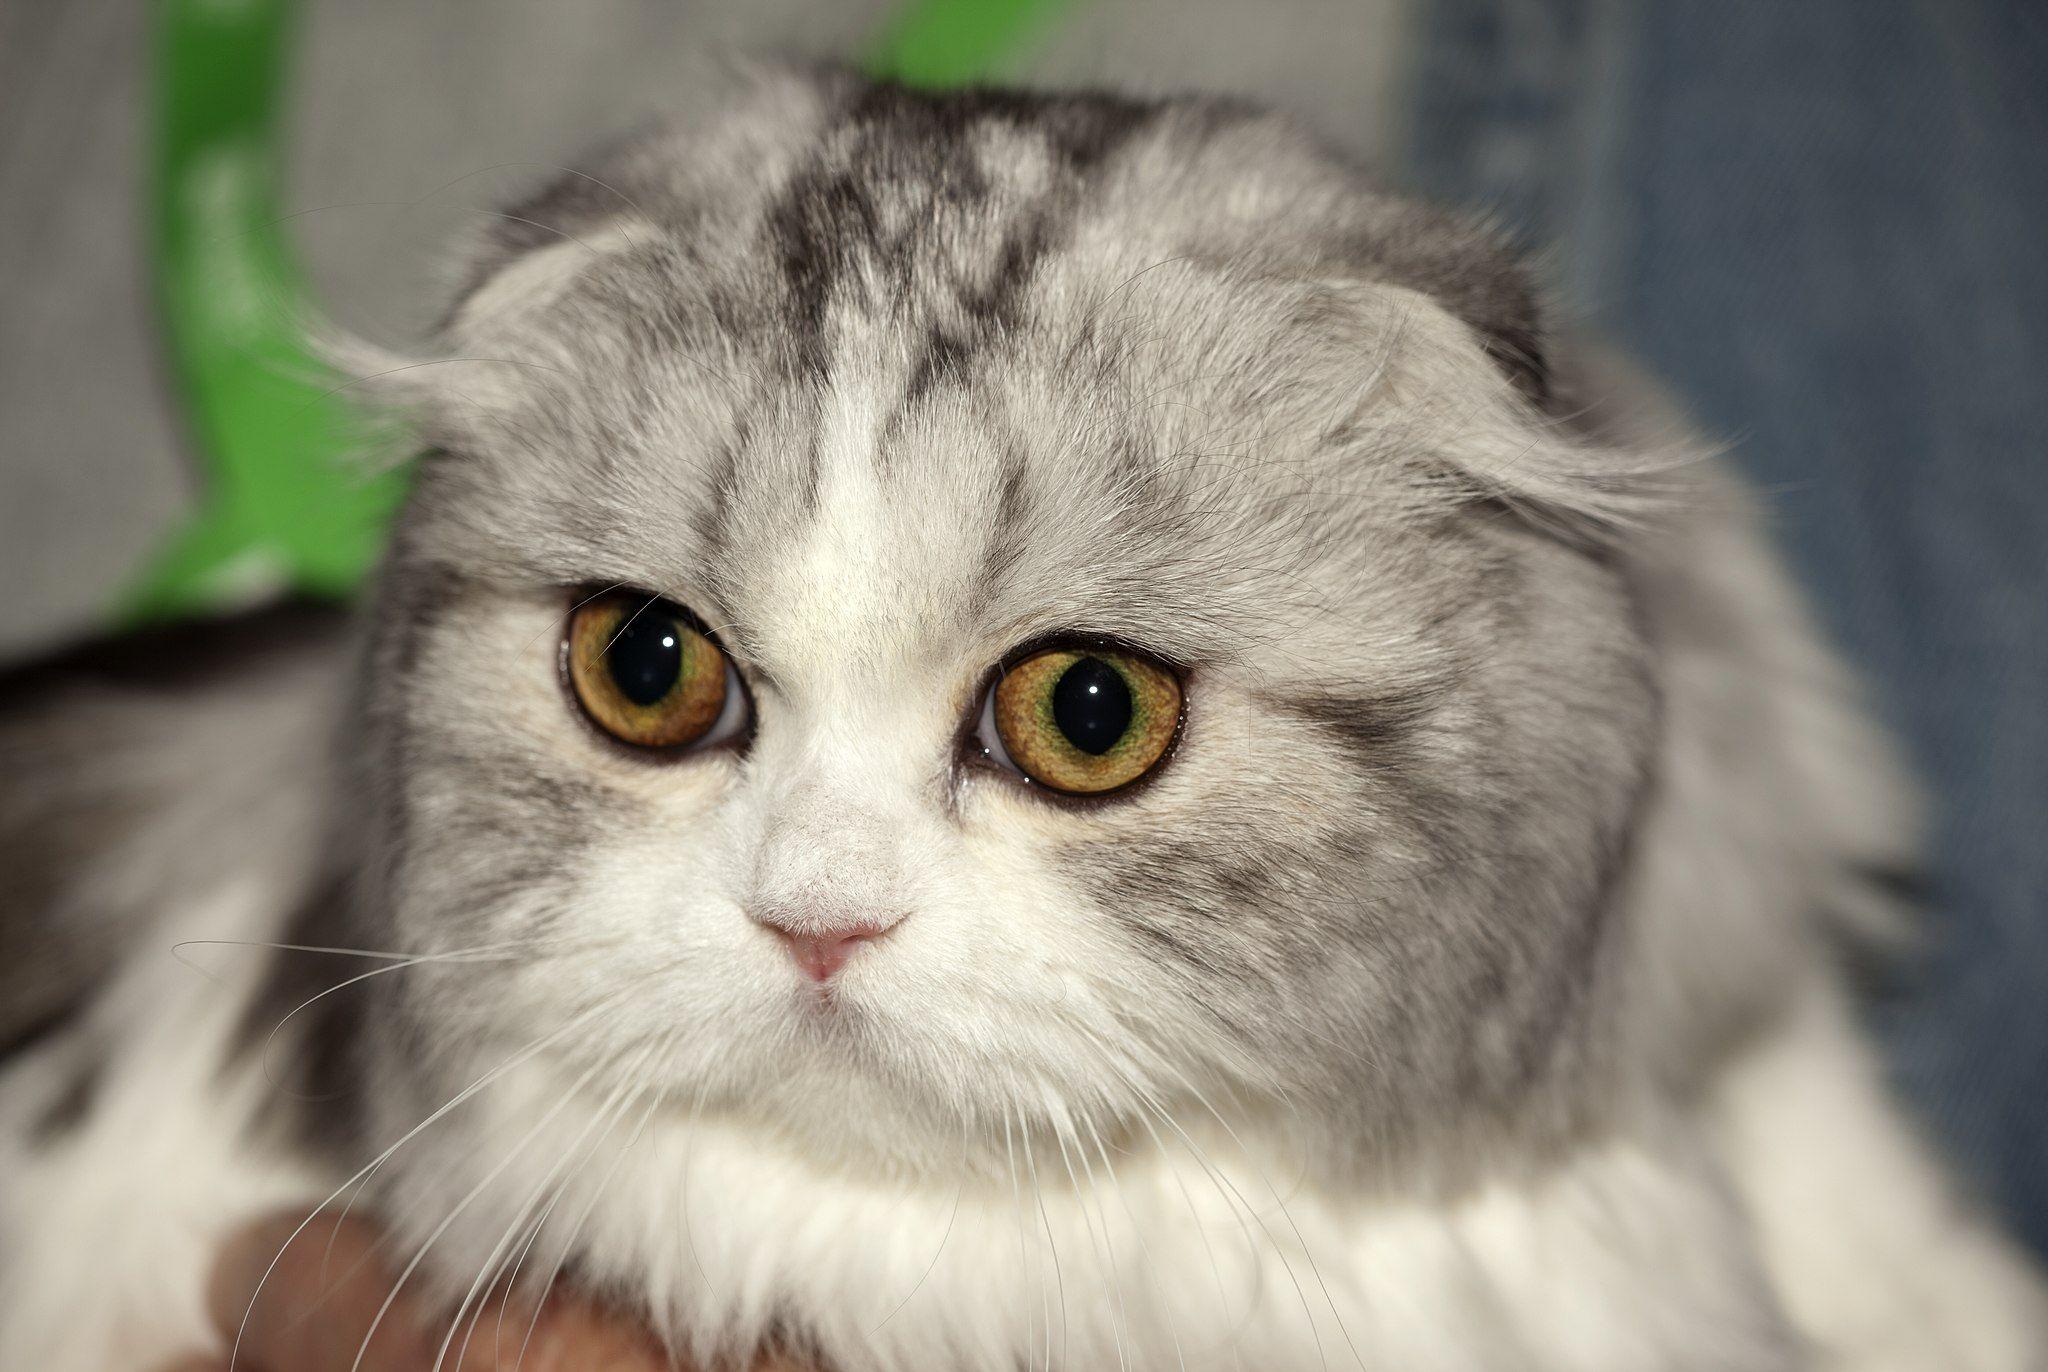 Schottische Faltohrkatze In 2020 Schottische Faltohrkatze Katzen Katzenrassen